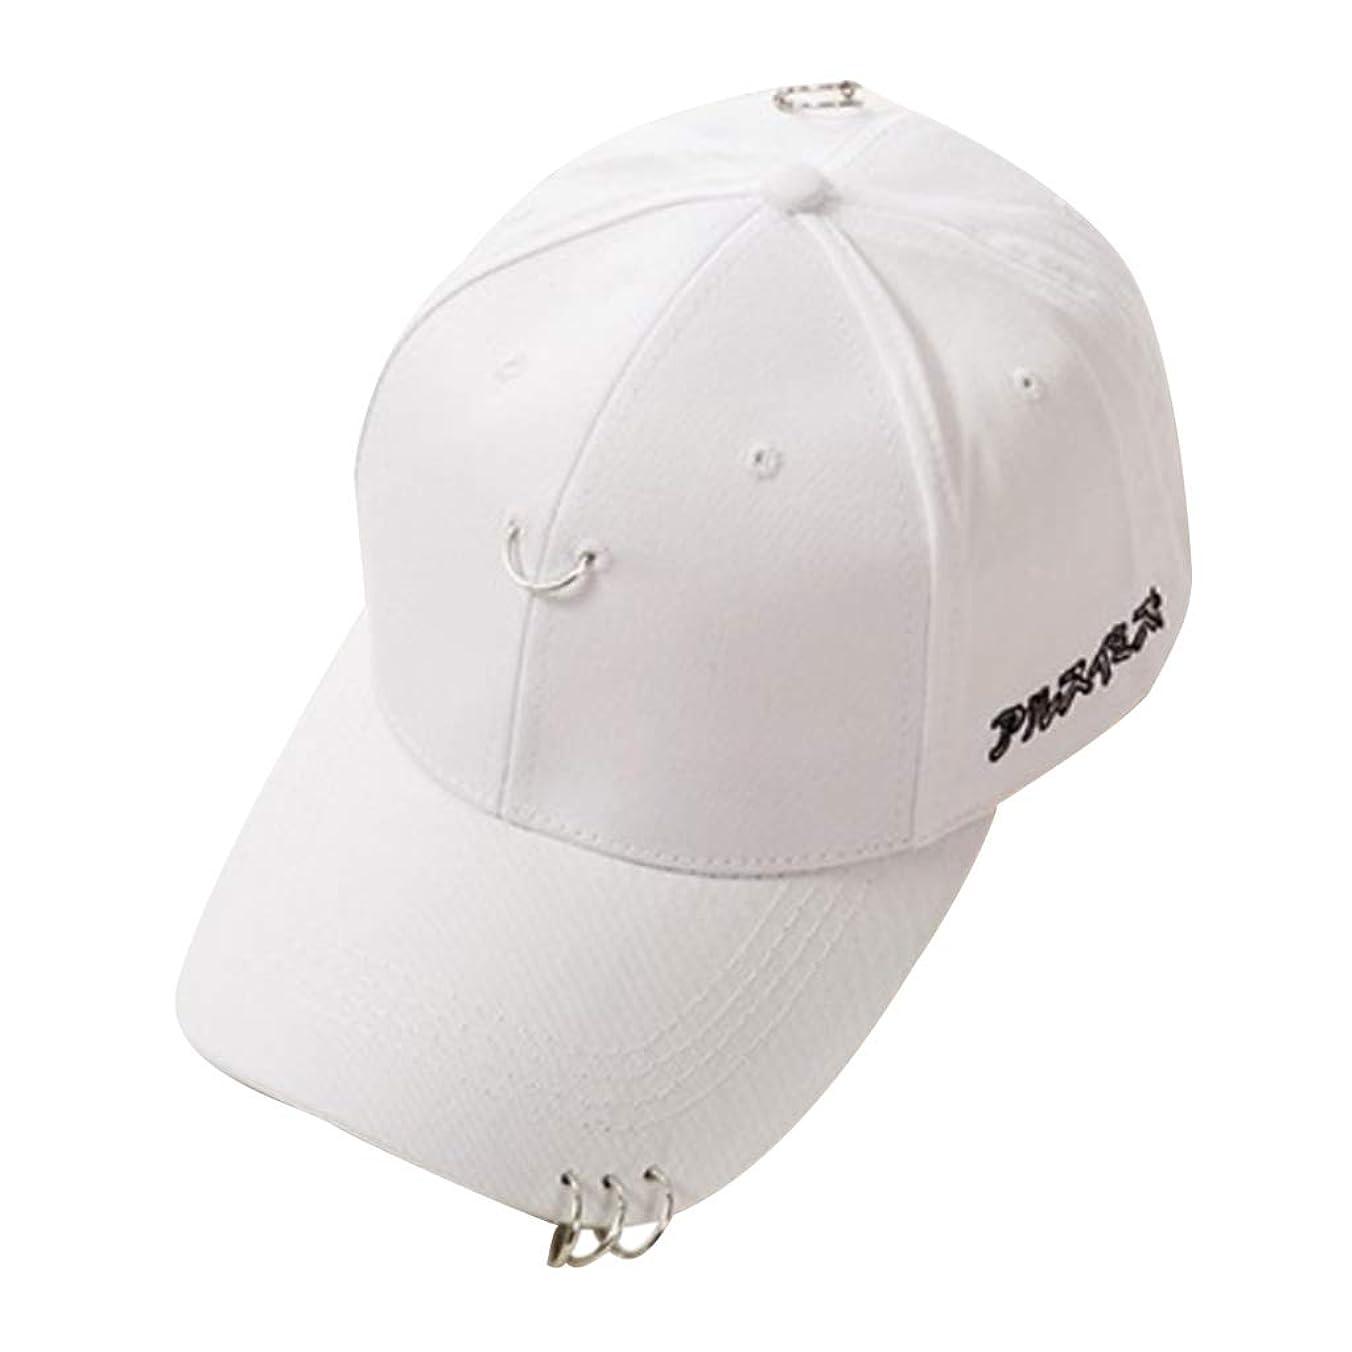 ミュート半導体連邦shunxinersty野球帽ユニセックス韓国スポーツスマイルフェイスフィンガーハート刺繍原宿コットンヒップホップスナップバック湾曲したトラック運転手の帽子私#